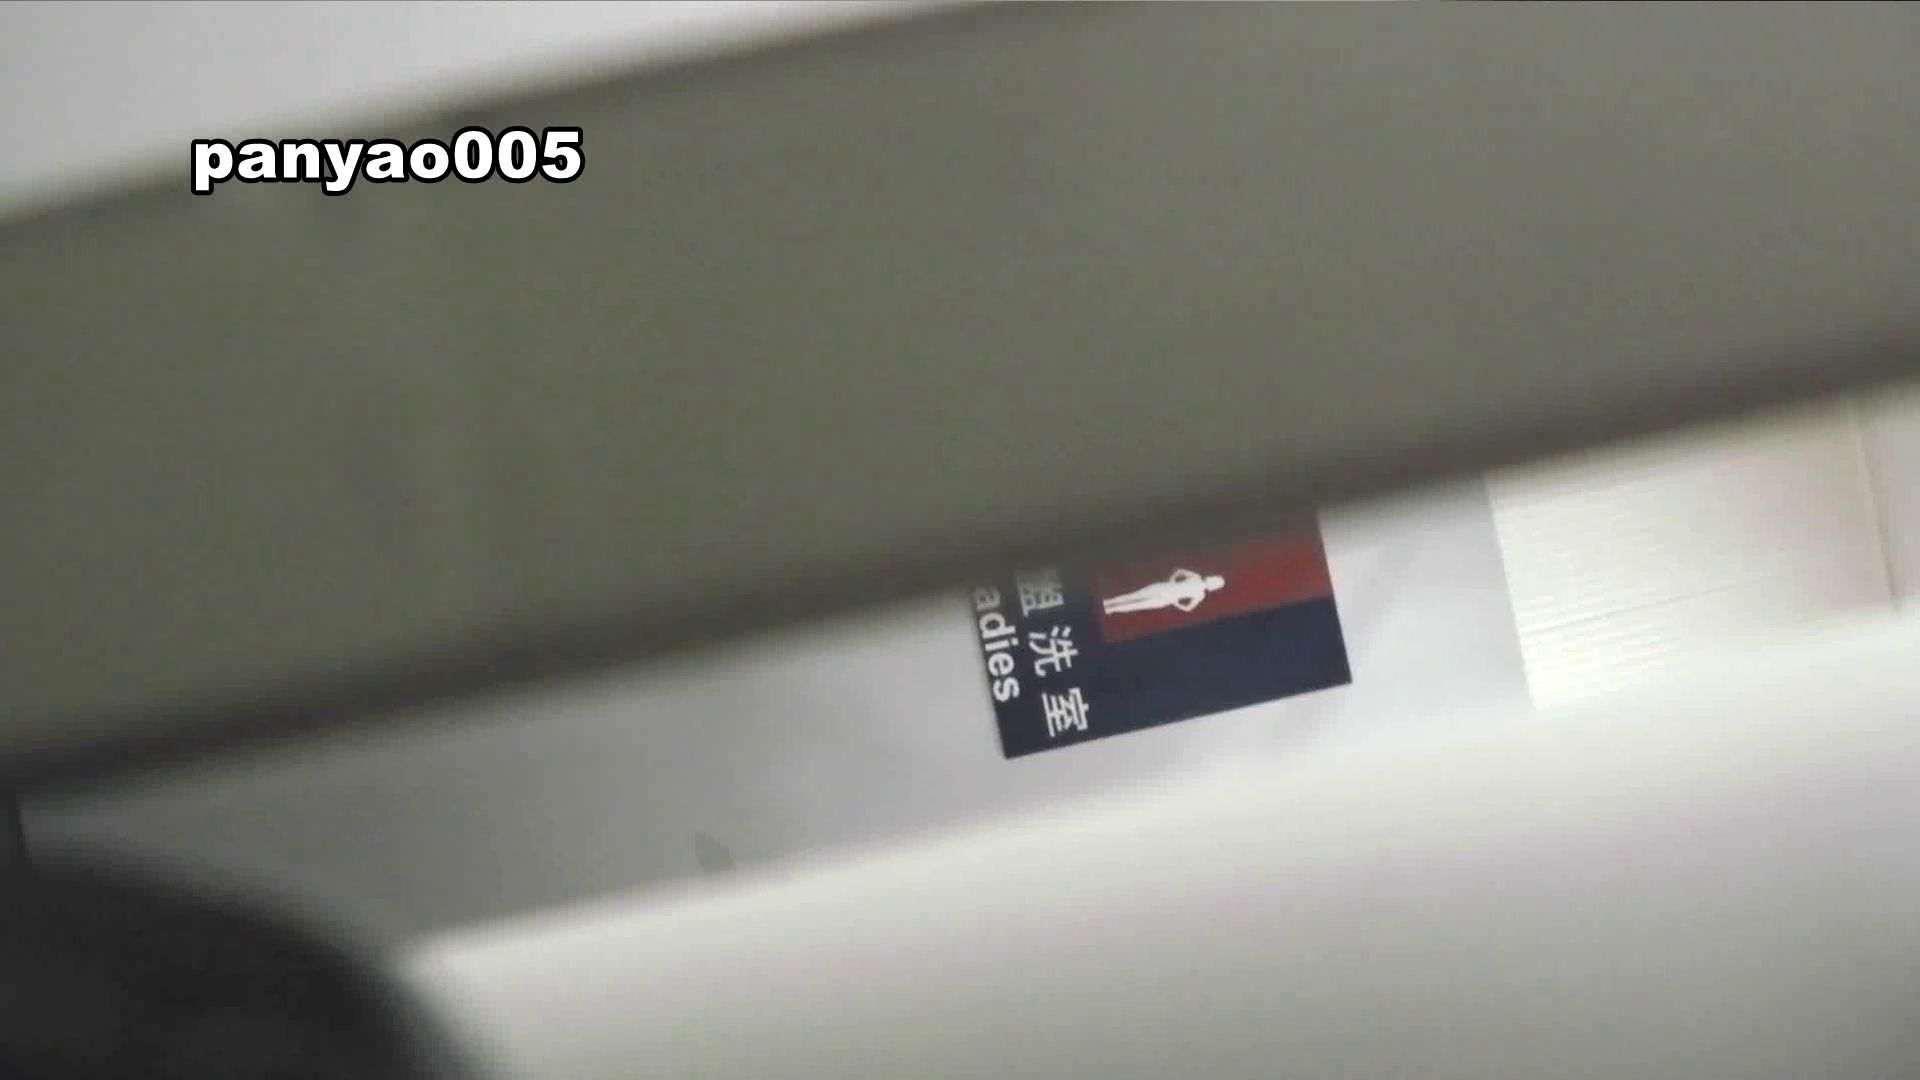 日本成人用品展览会。vol.05 そんな格好で… 潜入突撃  96pic 30